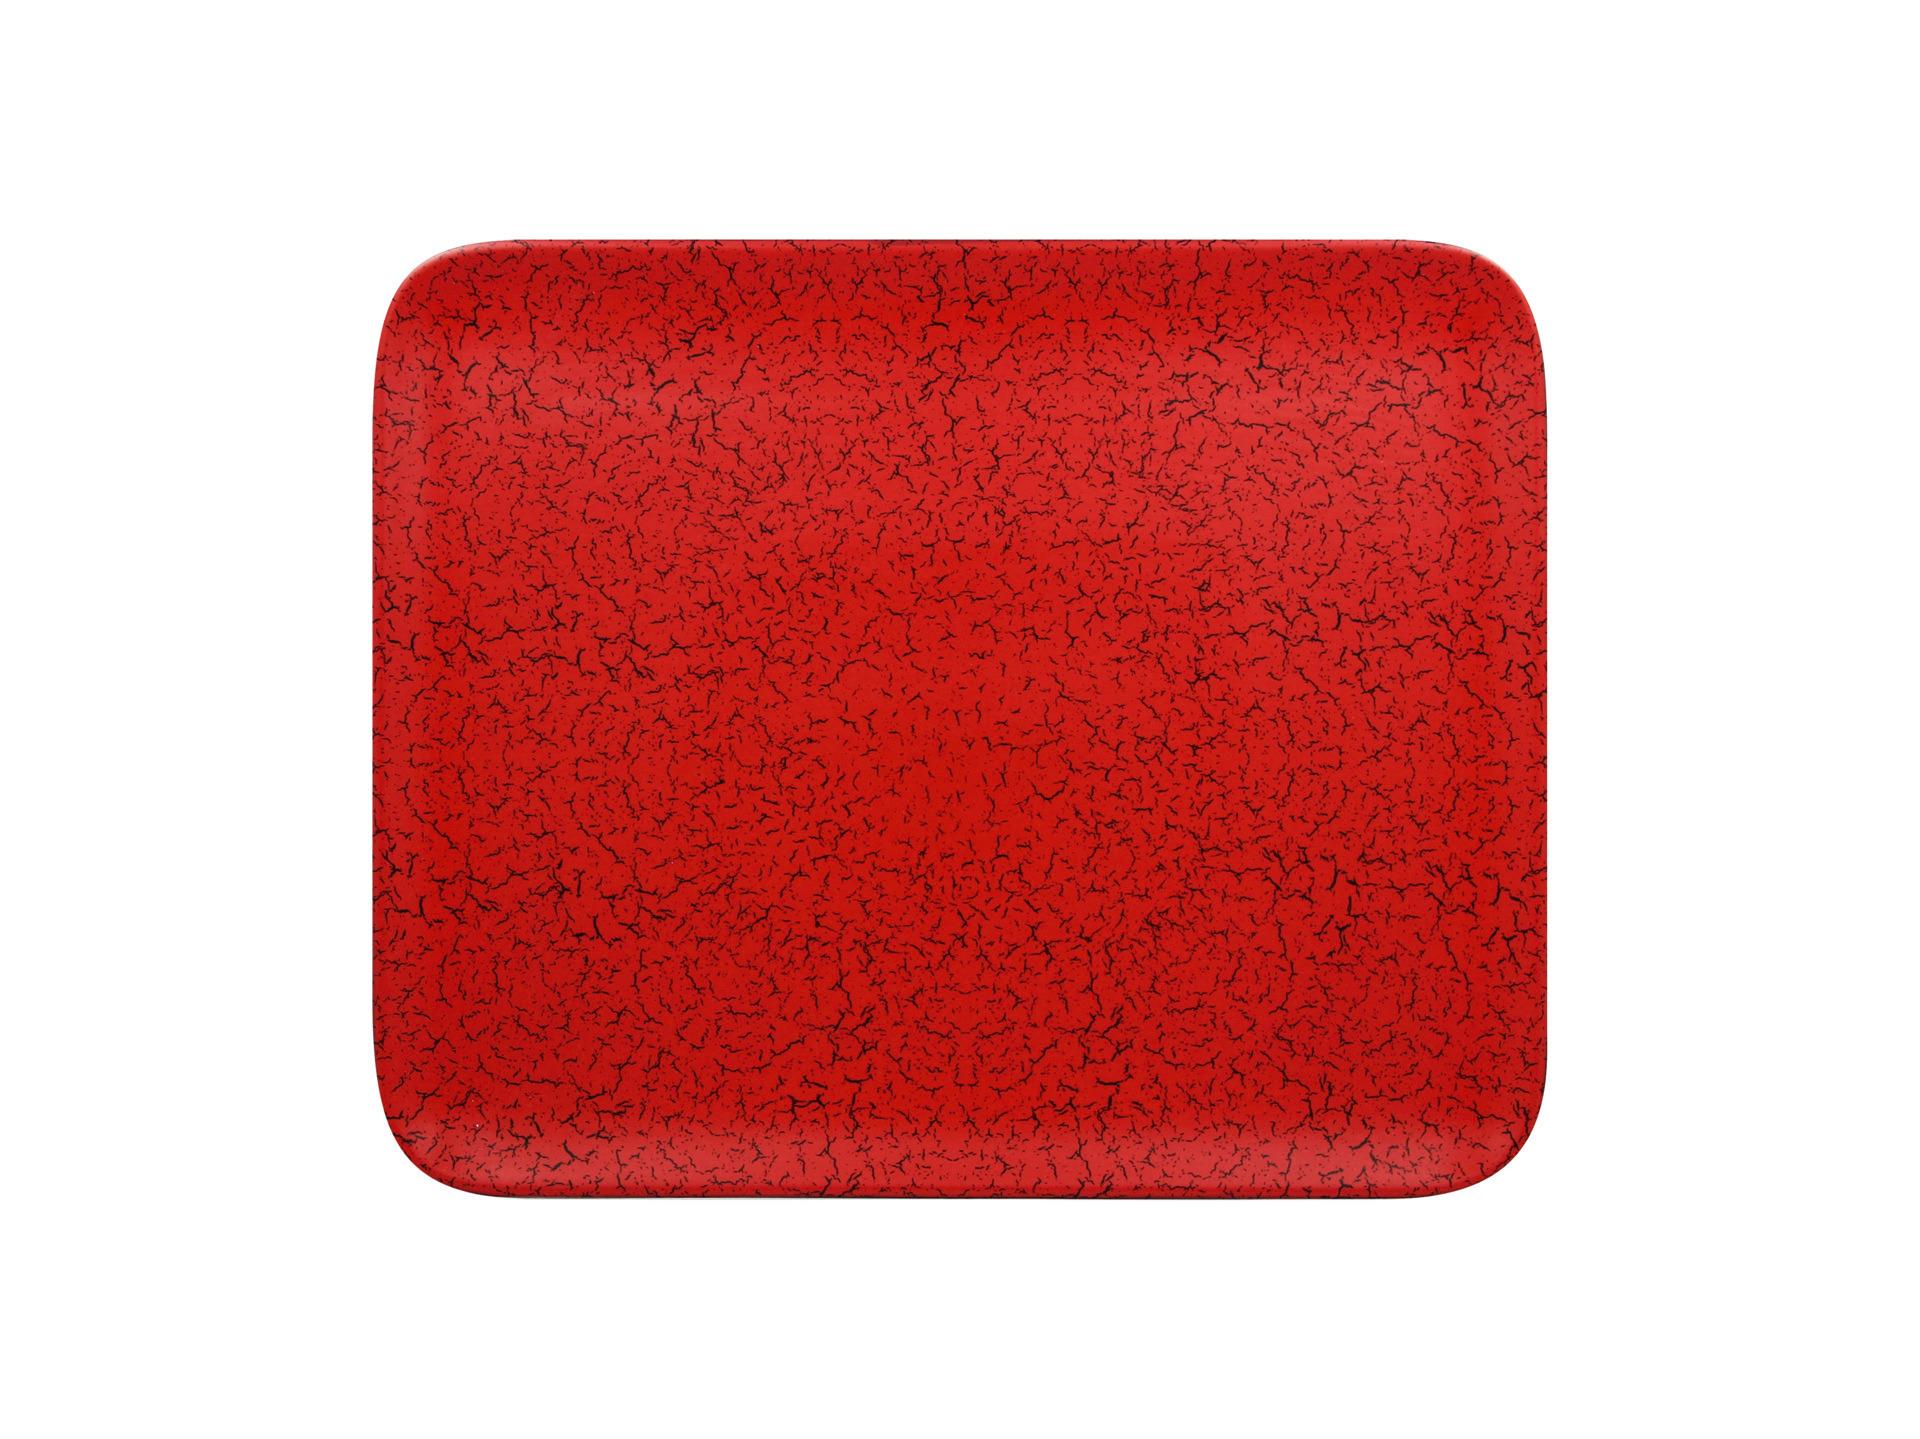 Platte rechteckig 330 x 270 mm rot